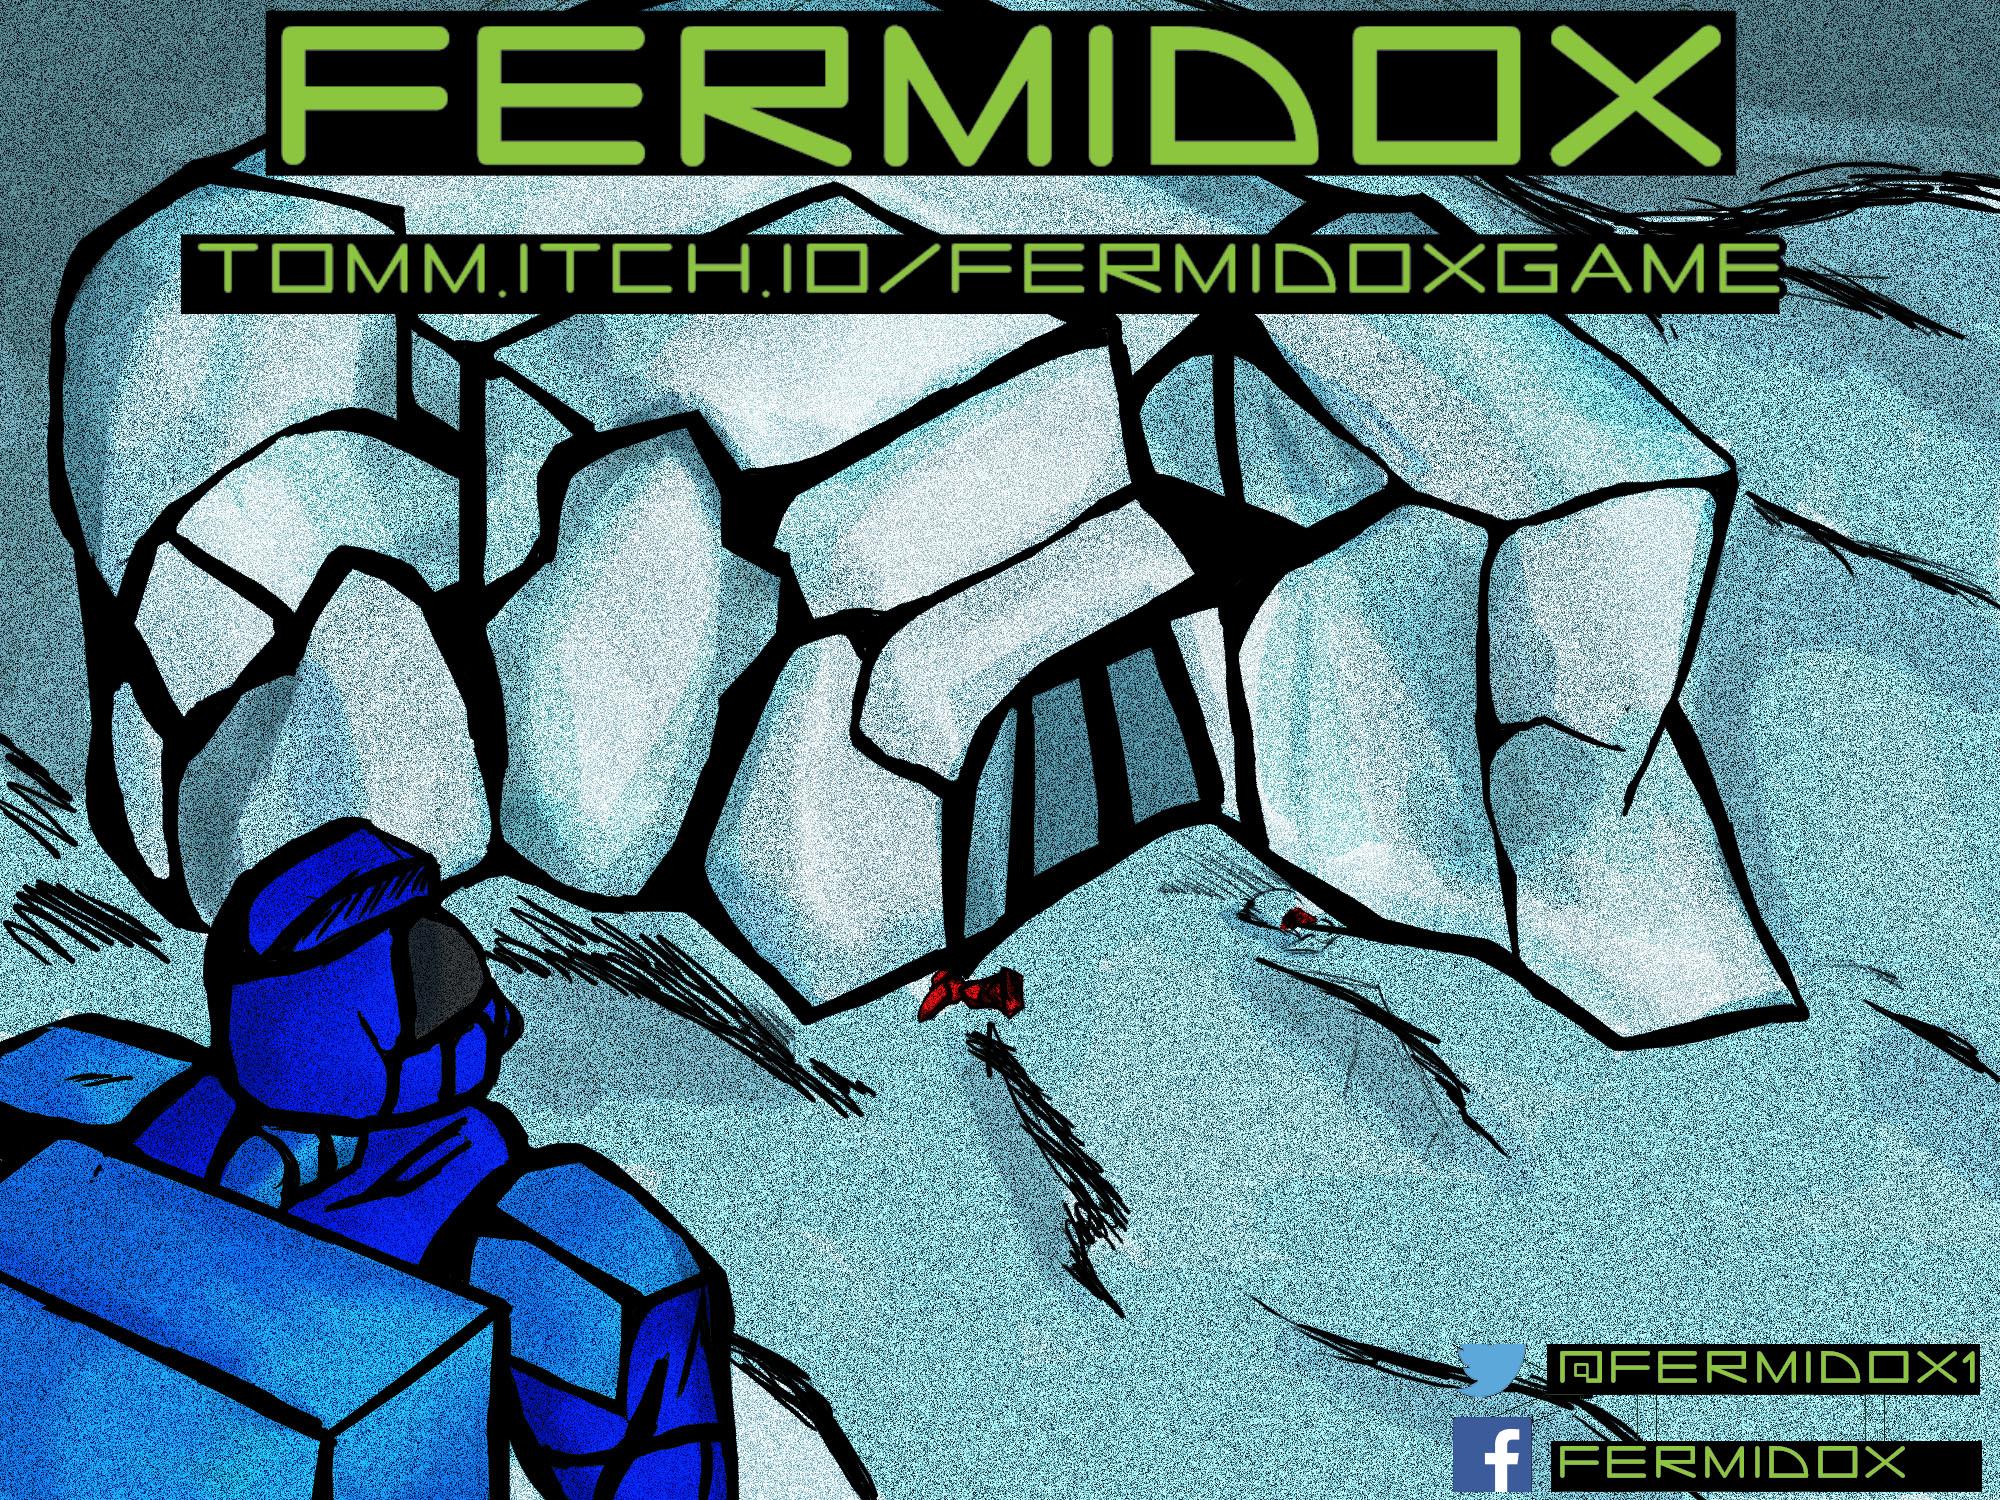 Fermidox